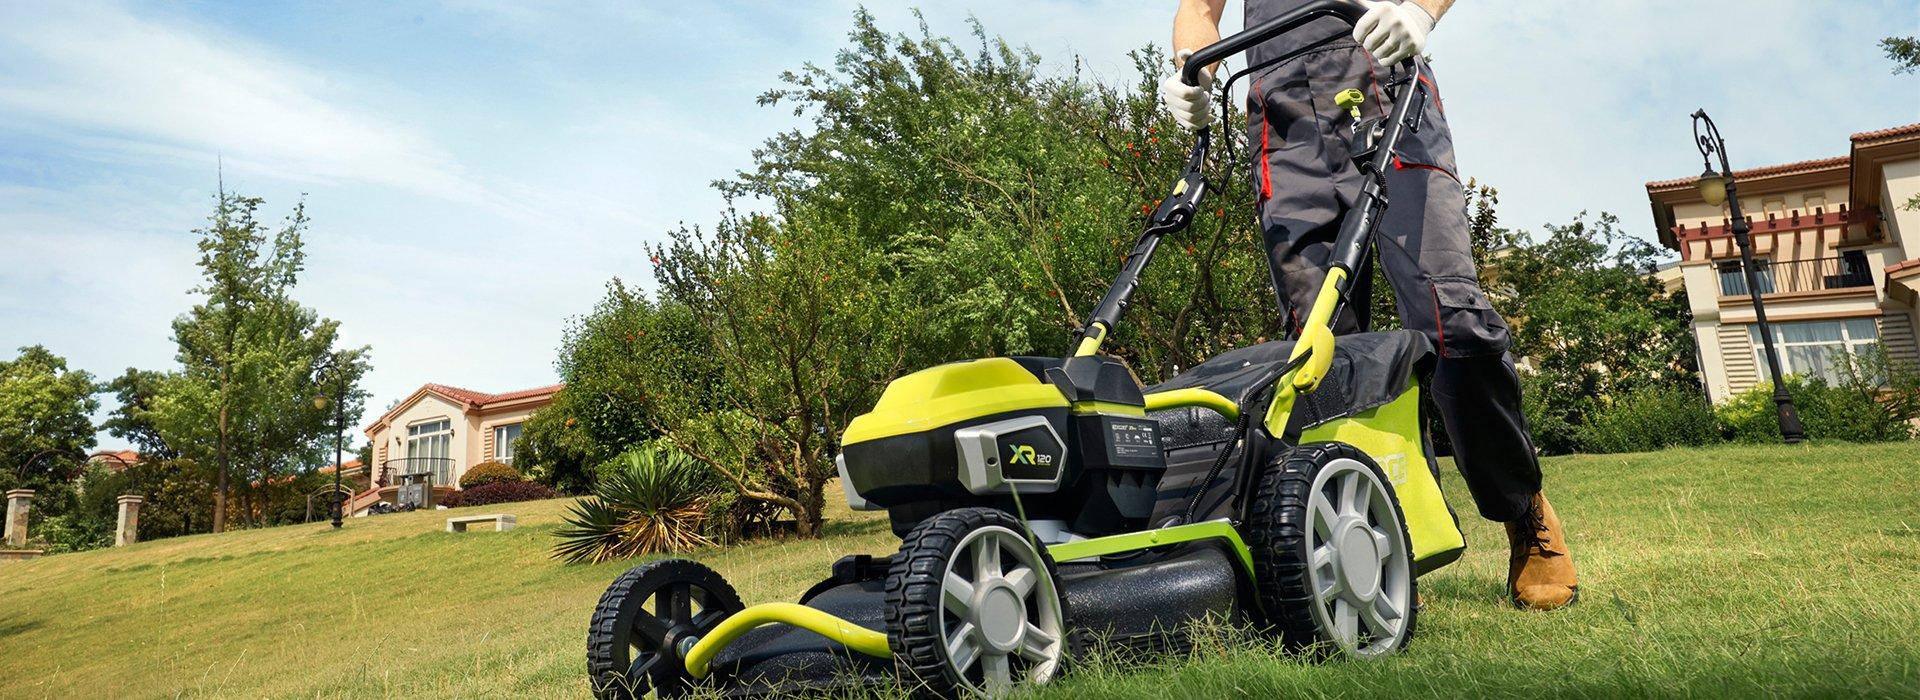 Cortacesped de bateria potente profesional G-Force XR 120 LM 53 SP